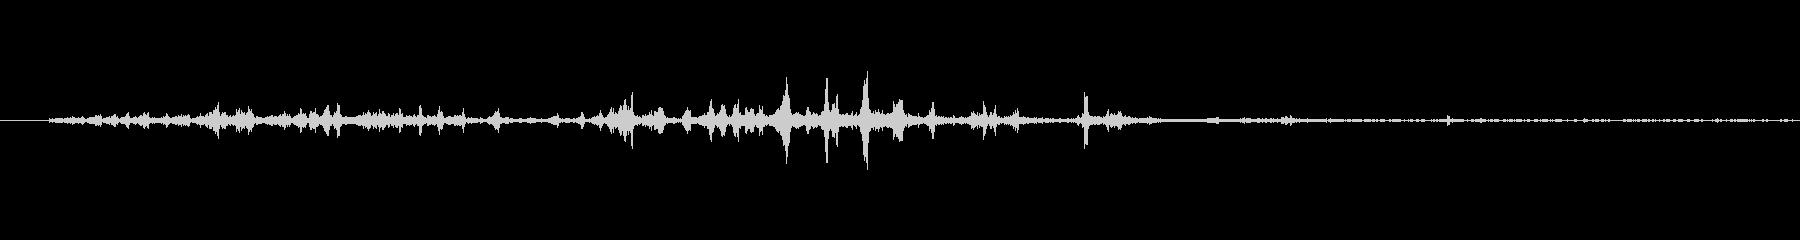 ページをめくる音(パラパラ)1の未再生の波形